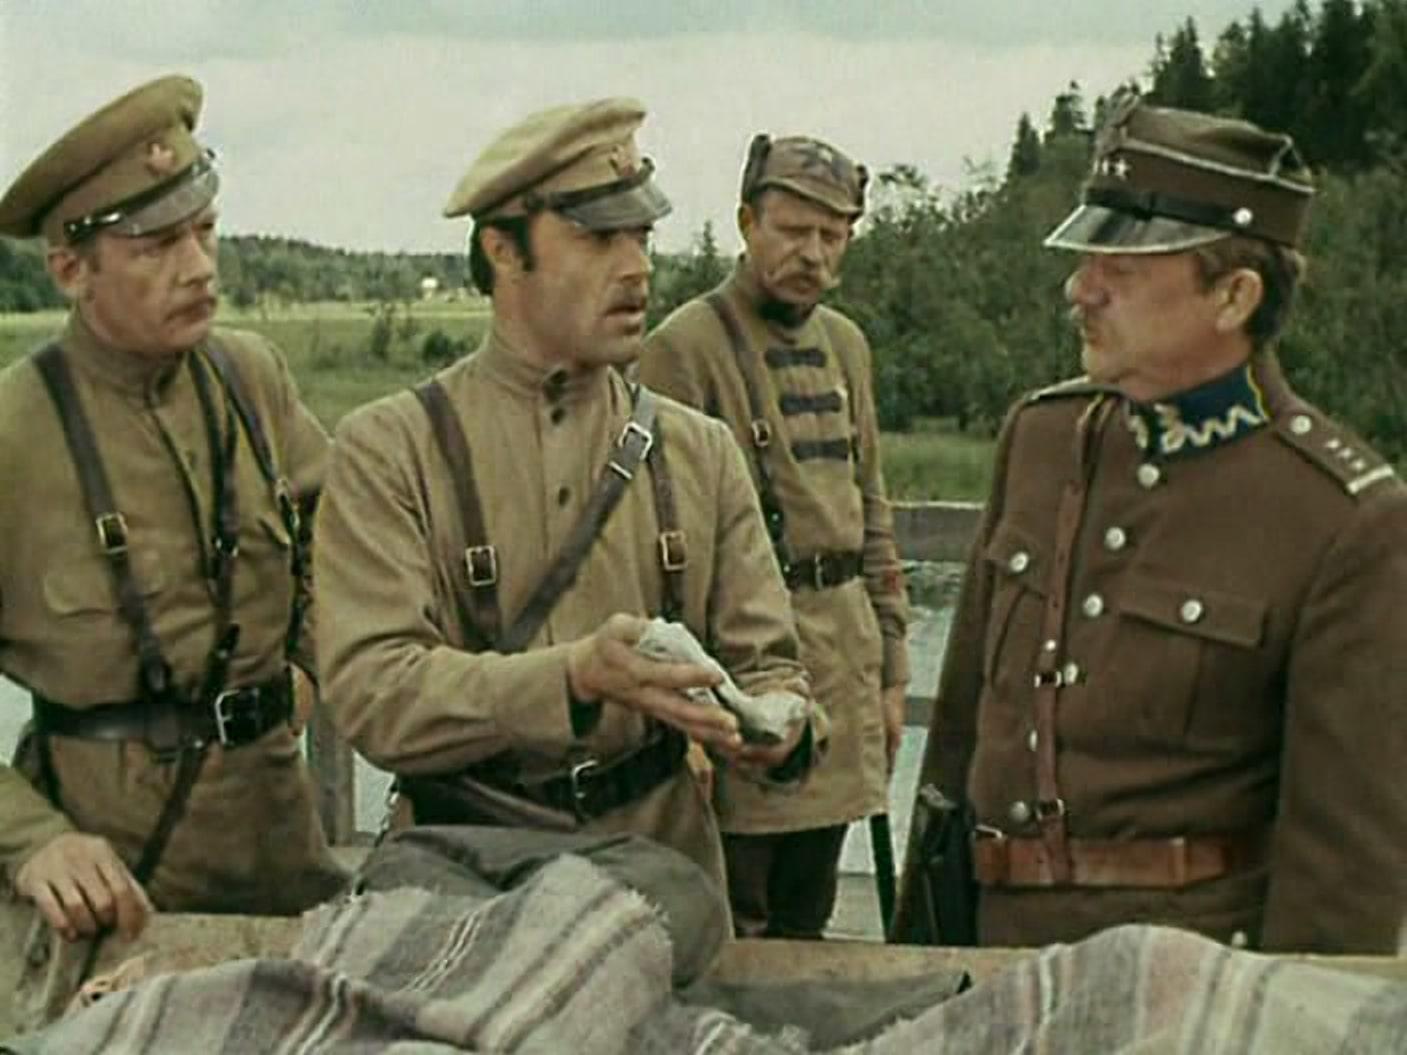 Белорусские многосерийные фильмы были популярны в СССР